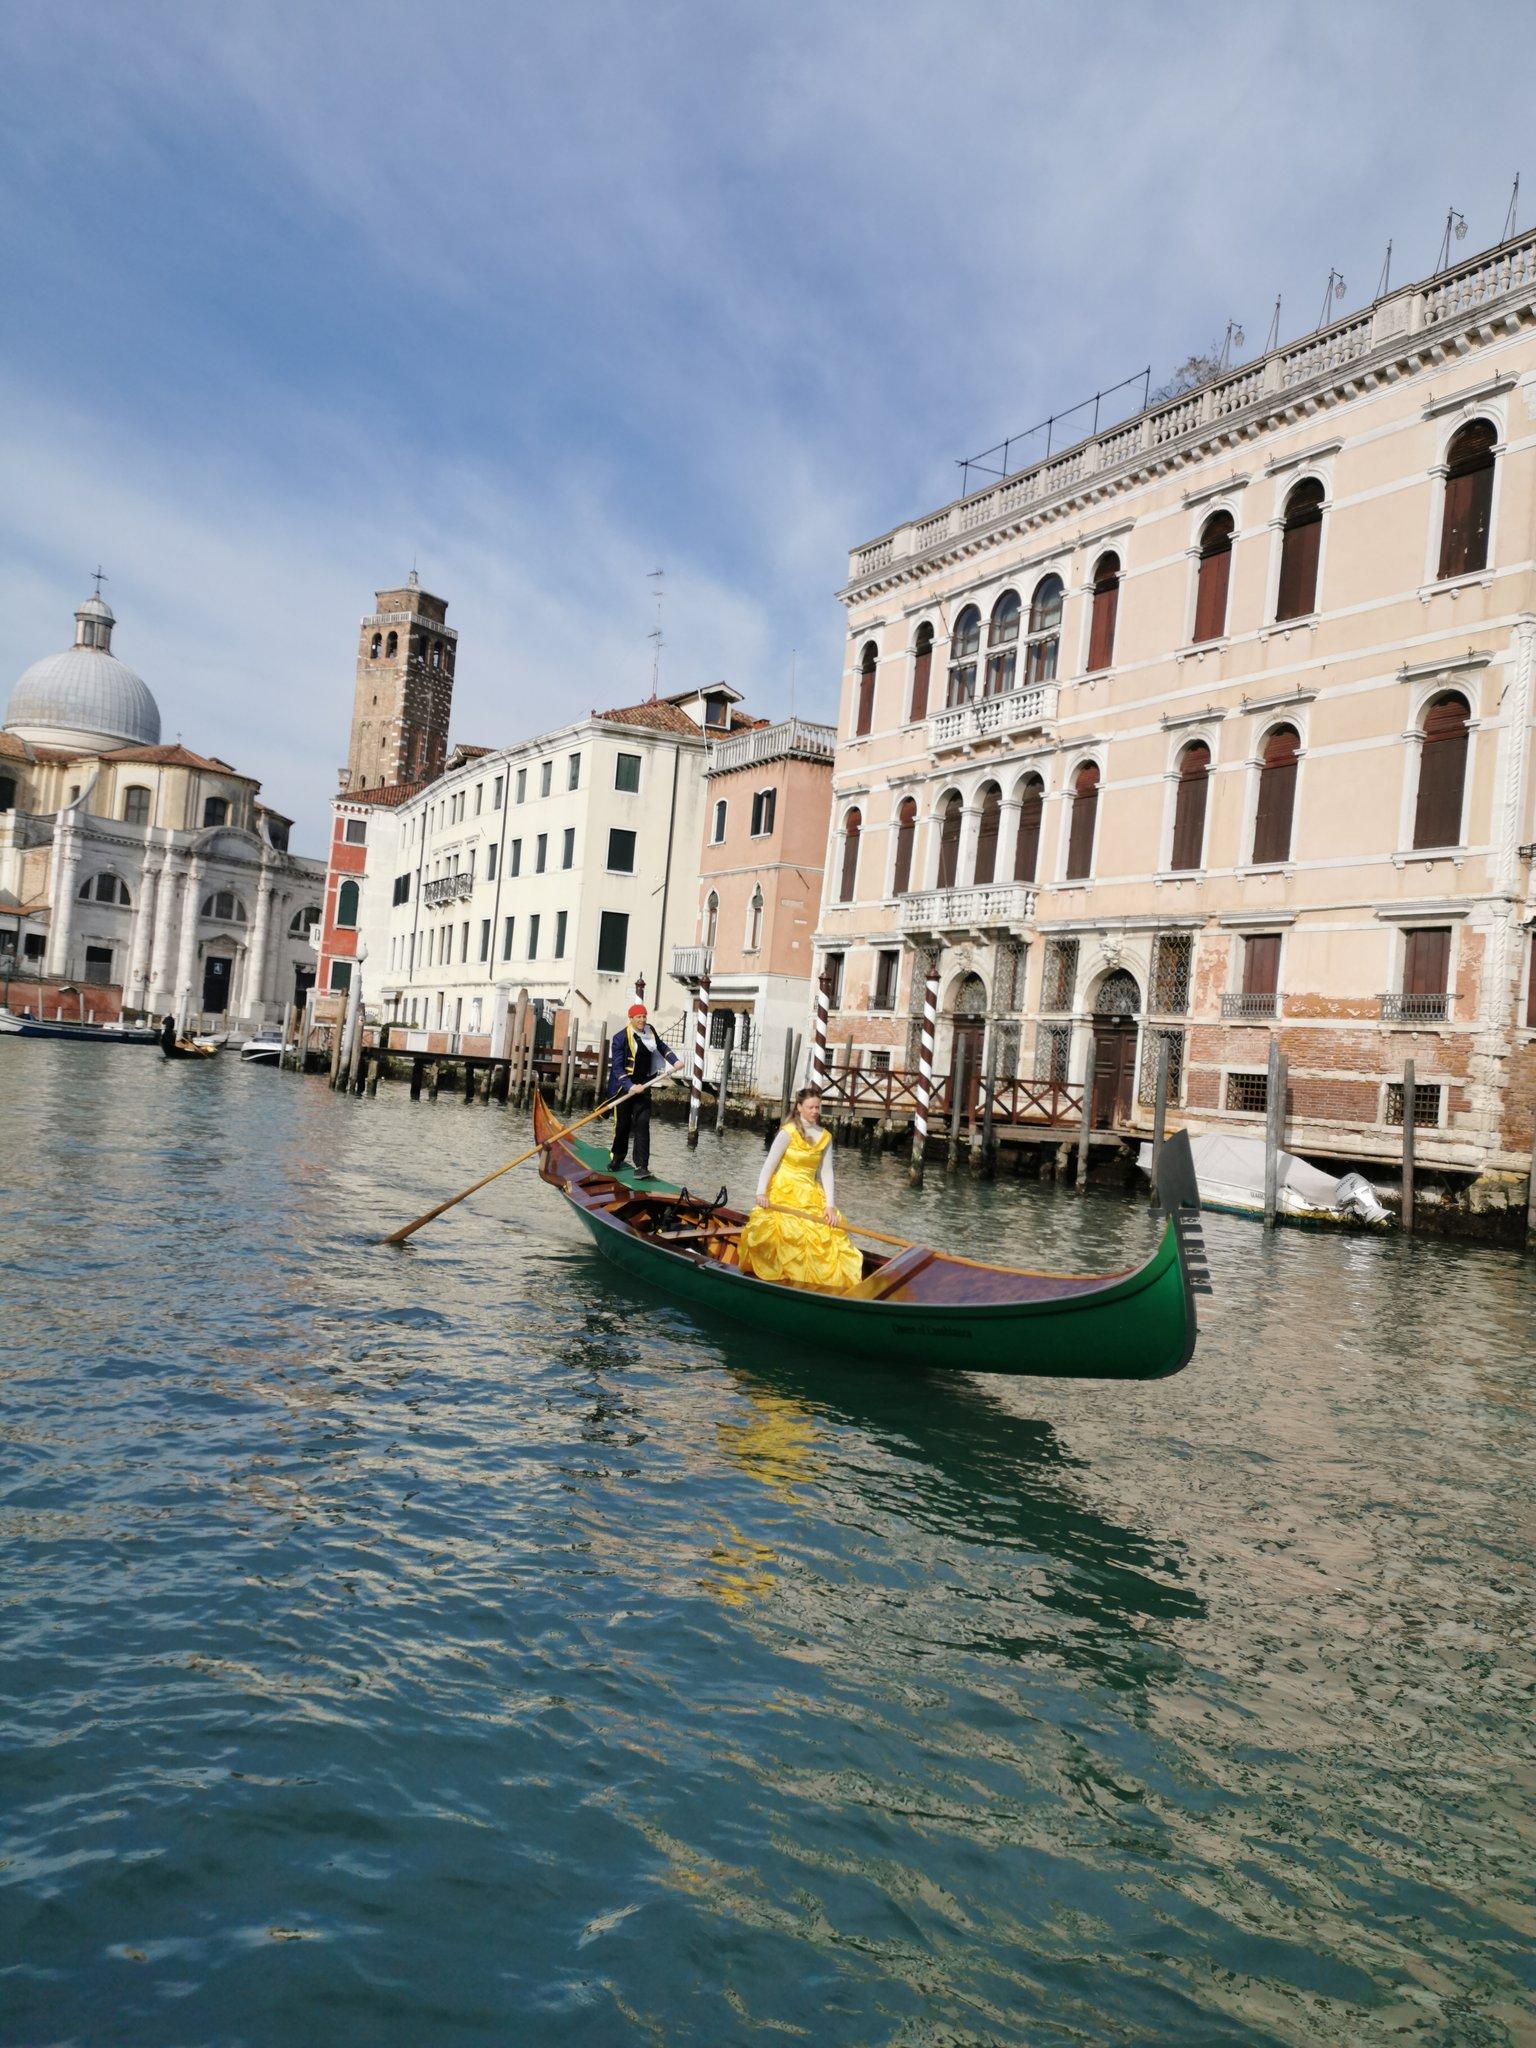 A Venise pour le Carnaval...  #CarnevaleVenezia2020 #Venezia https://t.co/e65UMr0Bx2